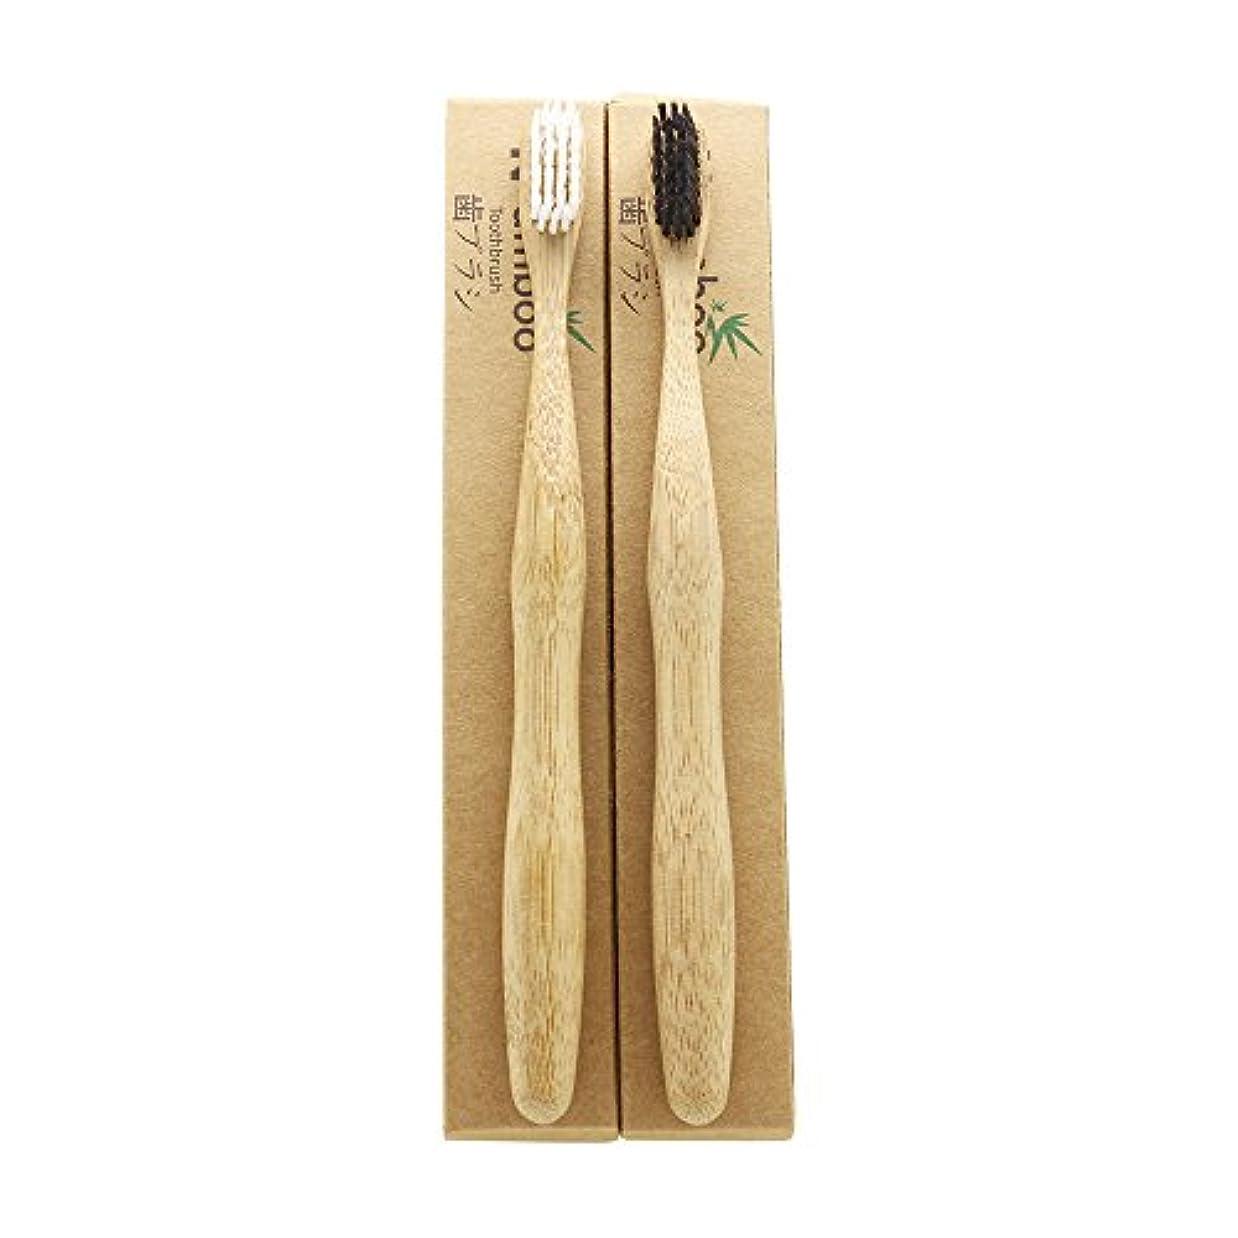 スケート使い込む所属N-amboo 竹製 歯ブラシ 高耐久性 白と黒 セット エコ  (2本)